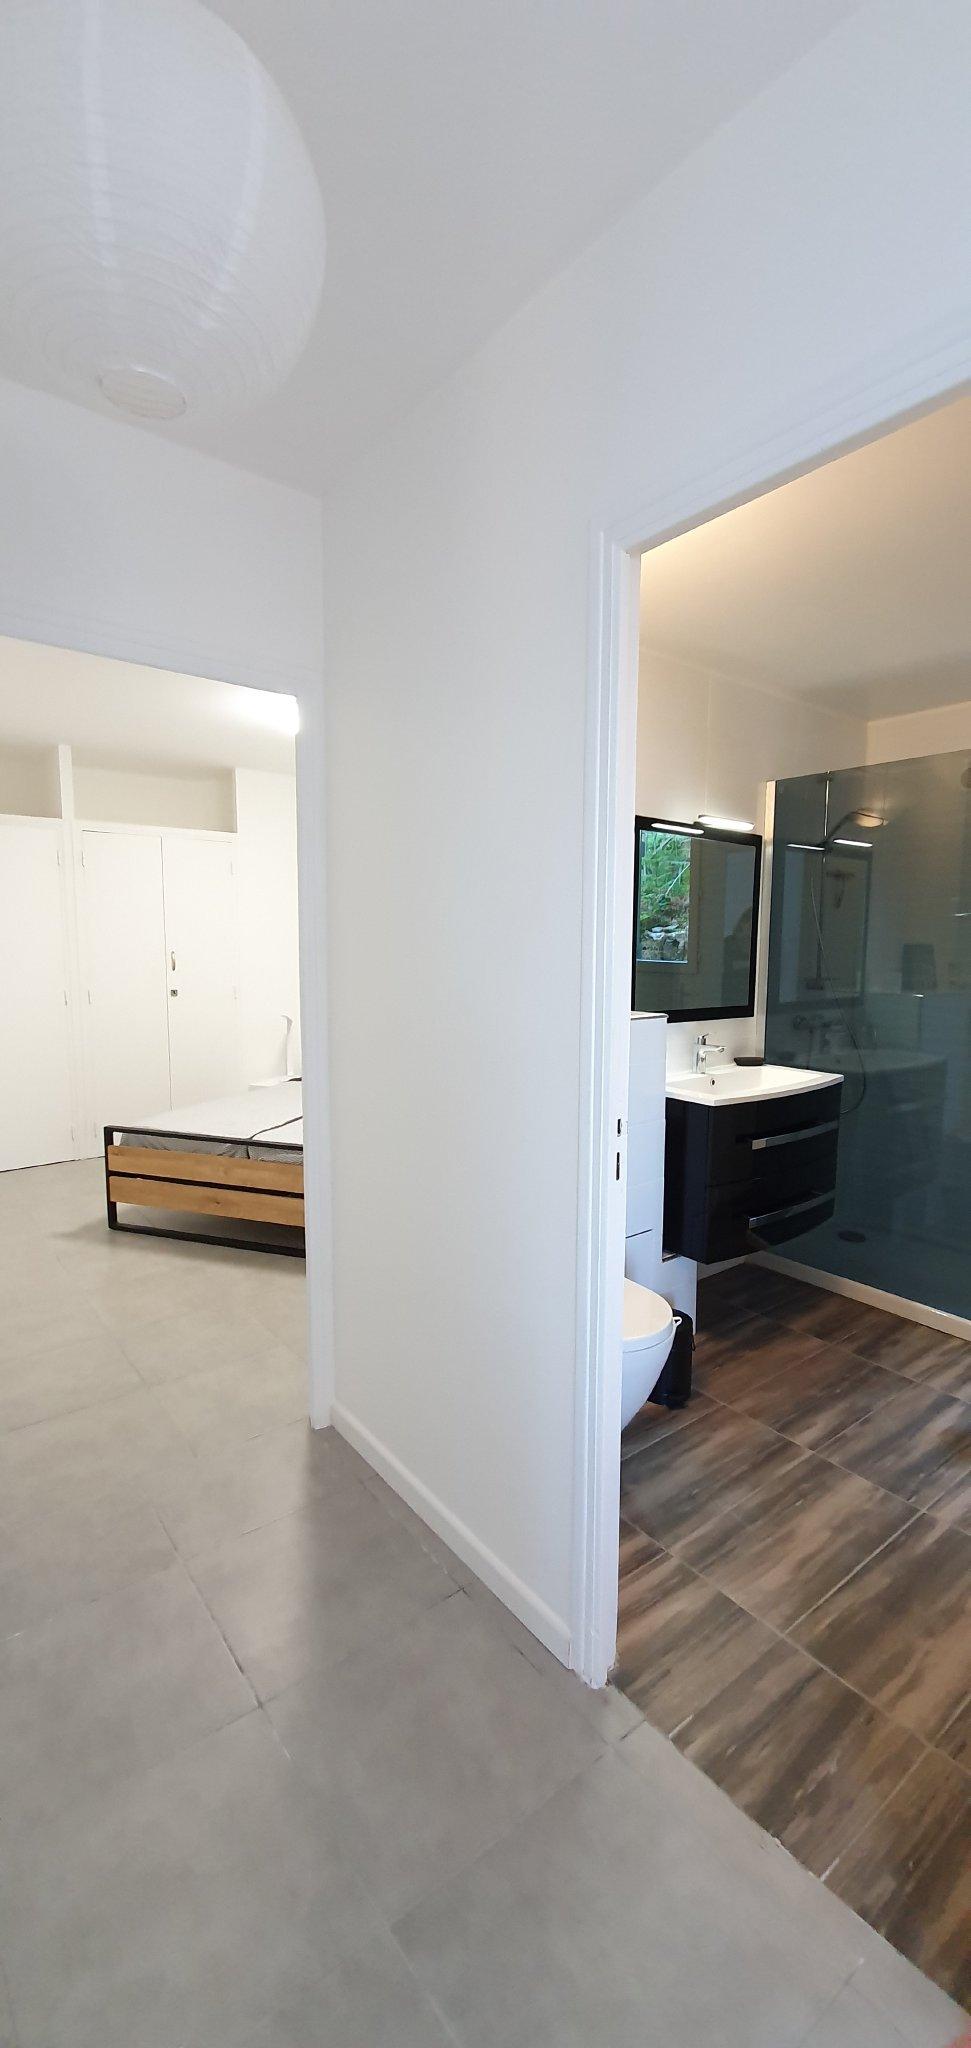 Wohn/Essbereich (Apartment)